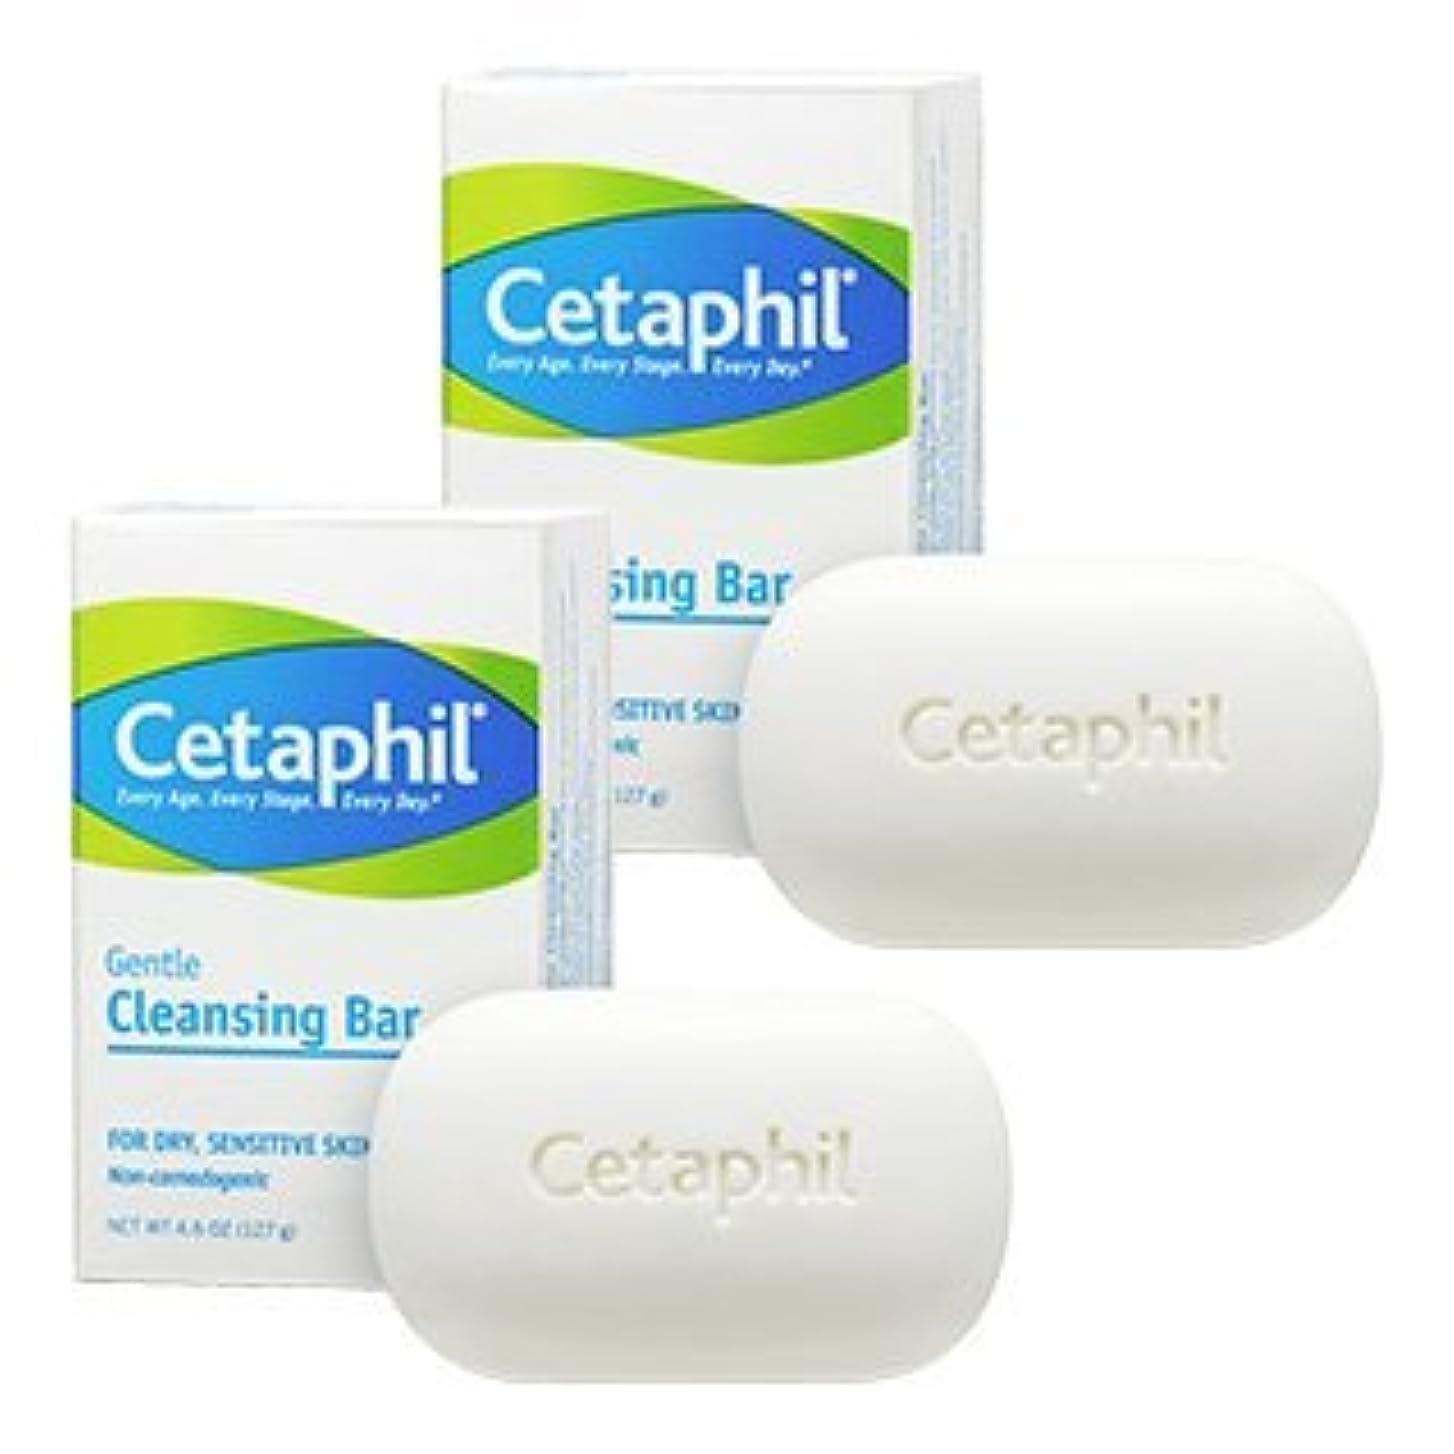 セタフィル(Cetaphil) ジェントル クレンジング バー 127g×2個セット [海外直送品][並行輸入品]